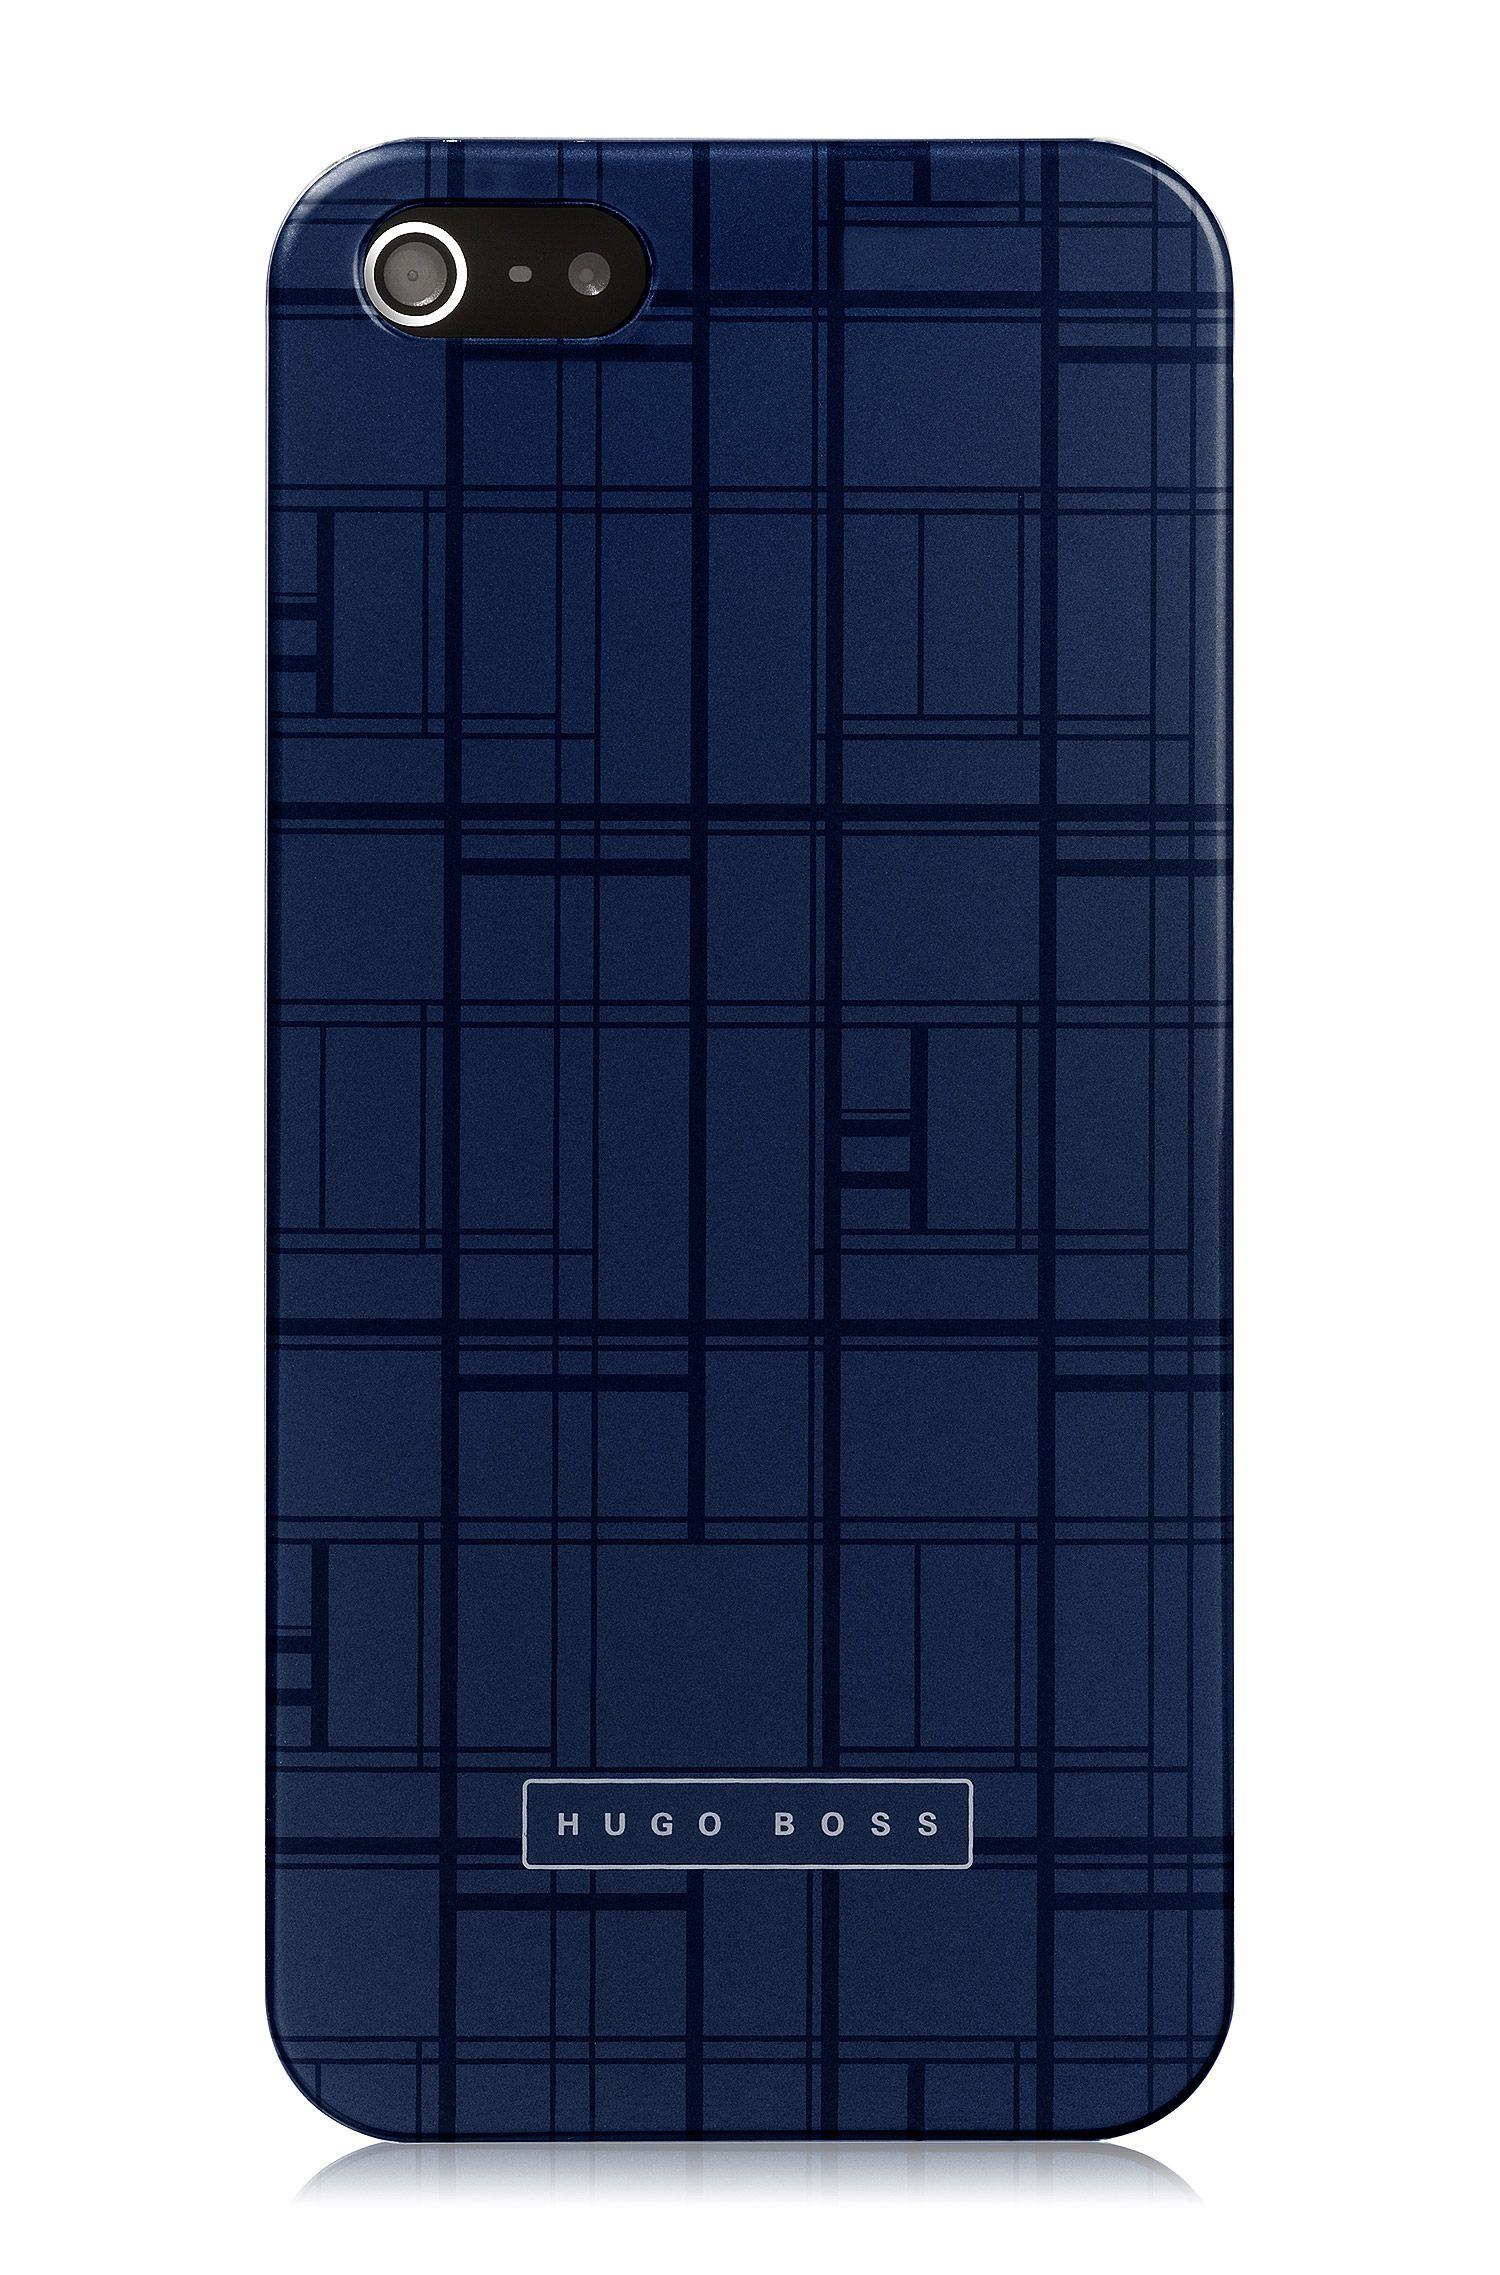 Hard Cover ´Catwalk IP5 Blue` für iPhone 5/5s